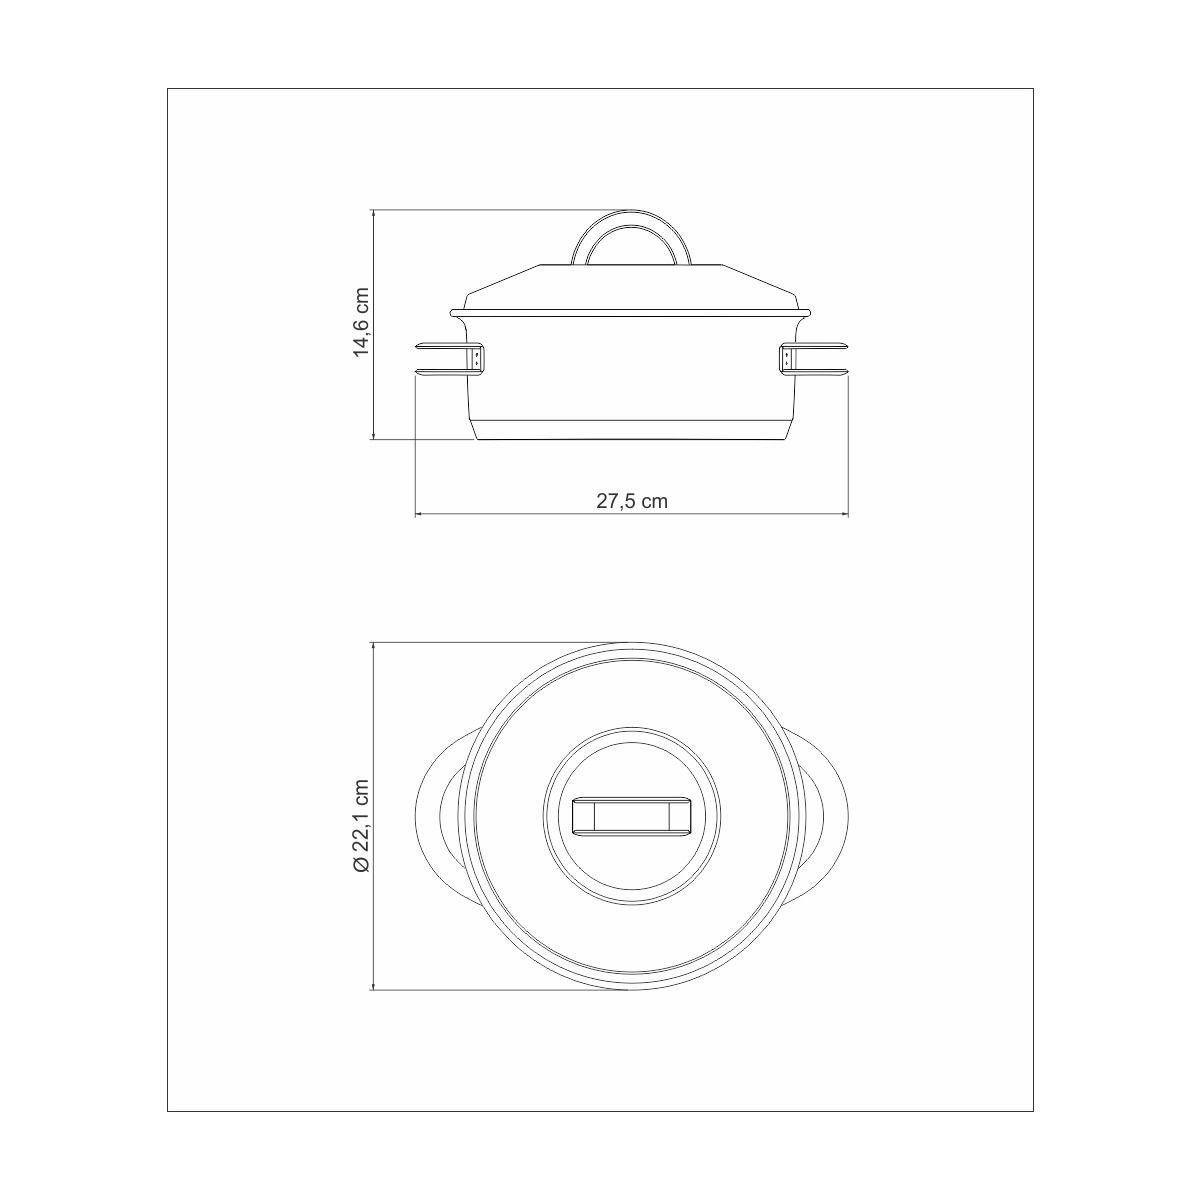 Caçarola Inox 20 cm 2,9 litros - linha Solar - Tramontina  - Lojão de Ofertas